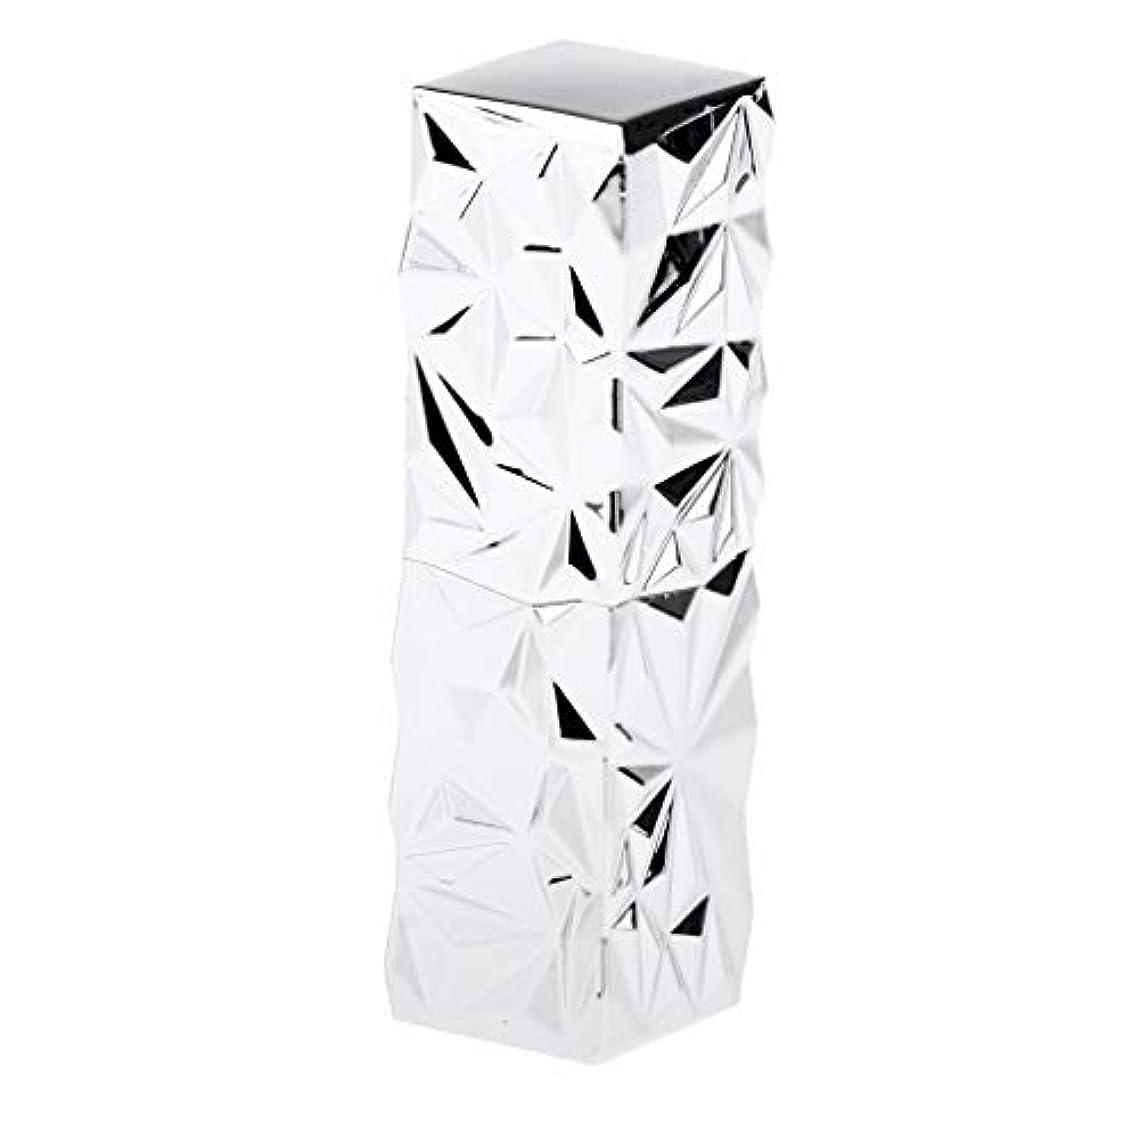 絶対の柔らかい足市の花口紅 容器 空 リップクリームチューブ 口紅管 DIY 詰め替え式 ABS樹脂 全3色 - 銀